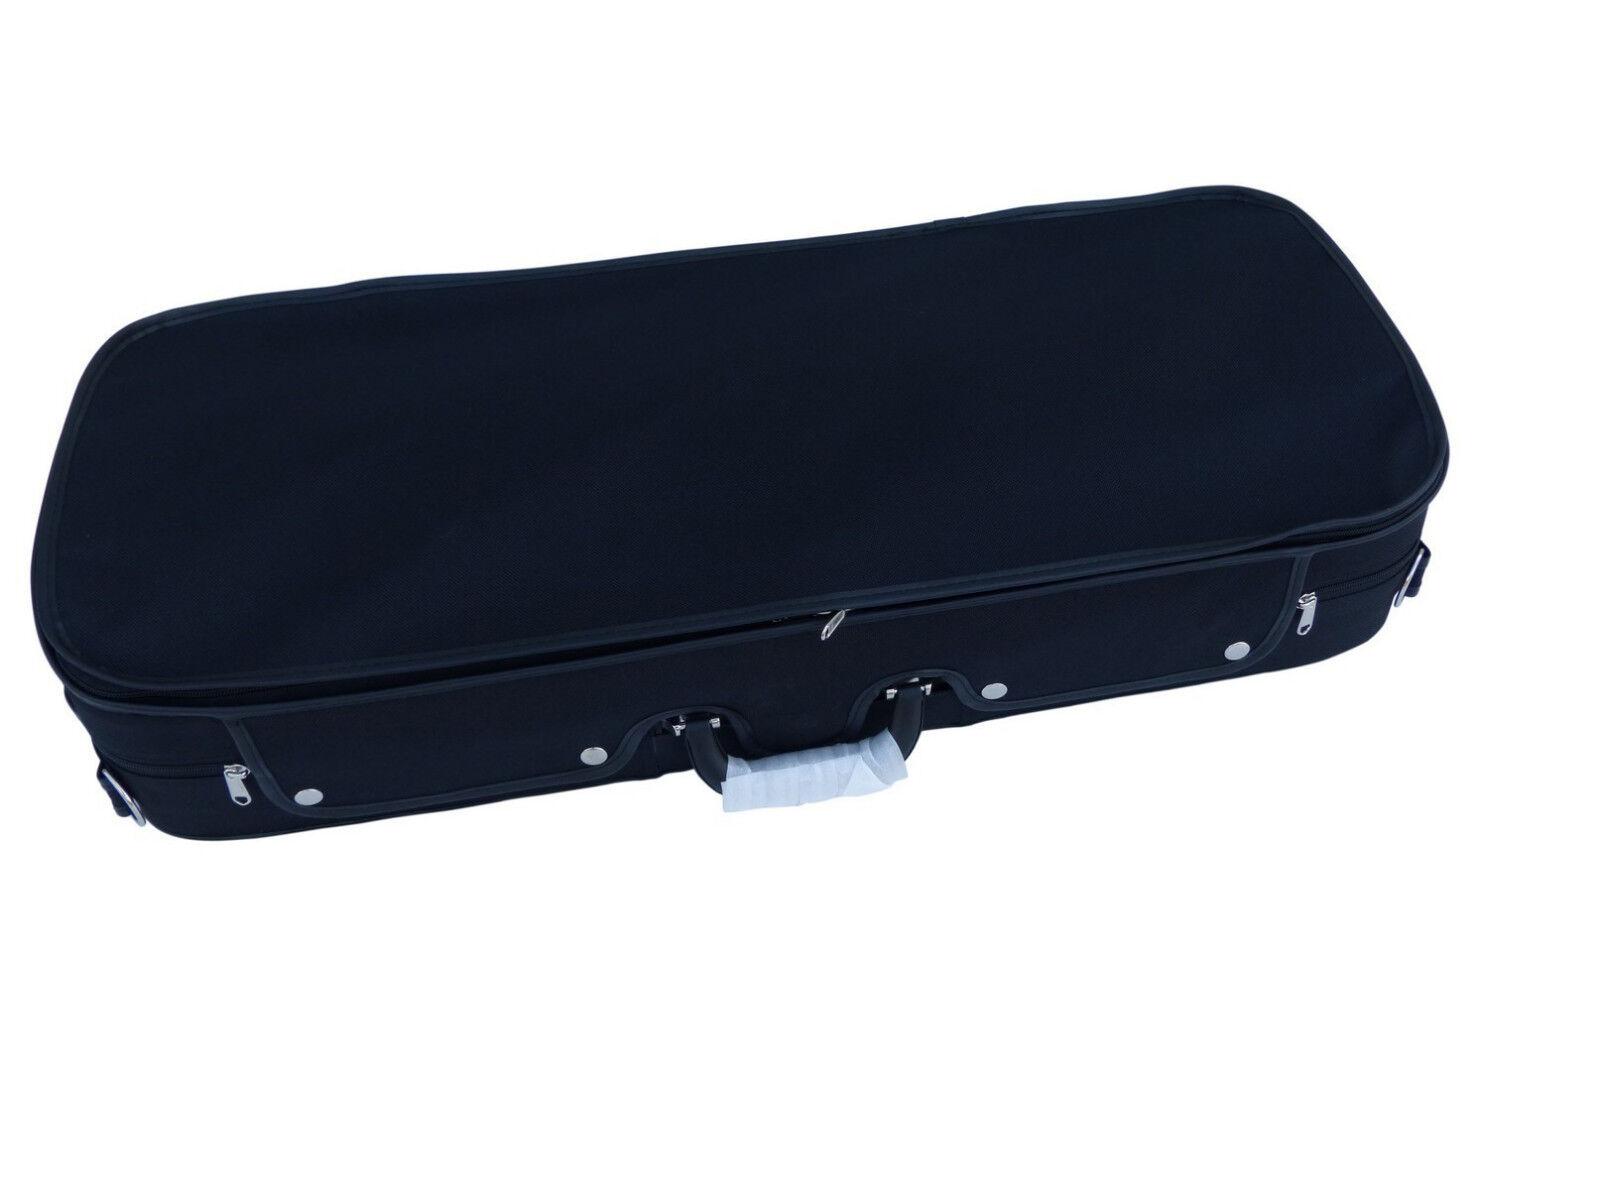 fantastica qualità Ia valigia valigia valigia valigia doppio per 2x 4 4 violino in nero NUOVO  promozioni eccitanti